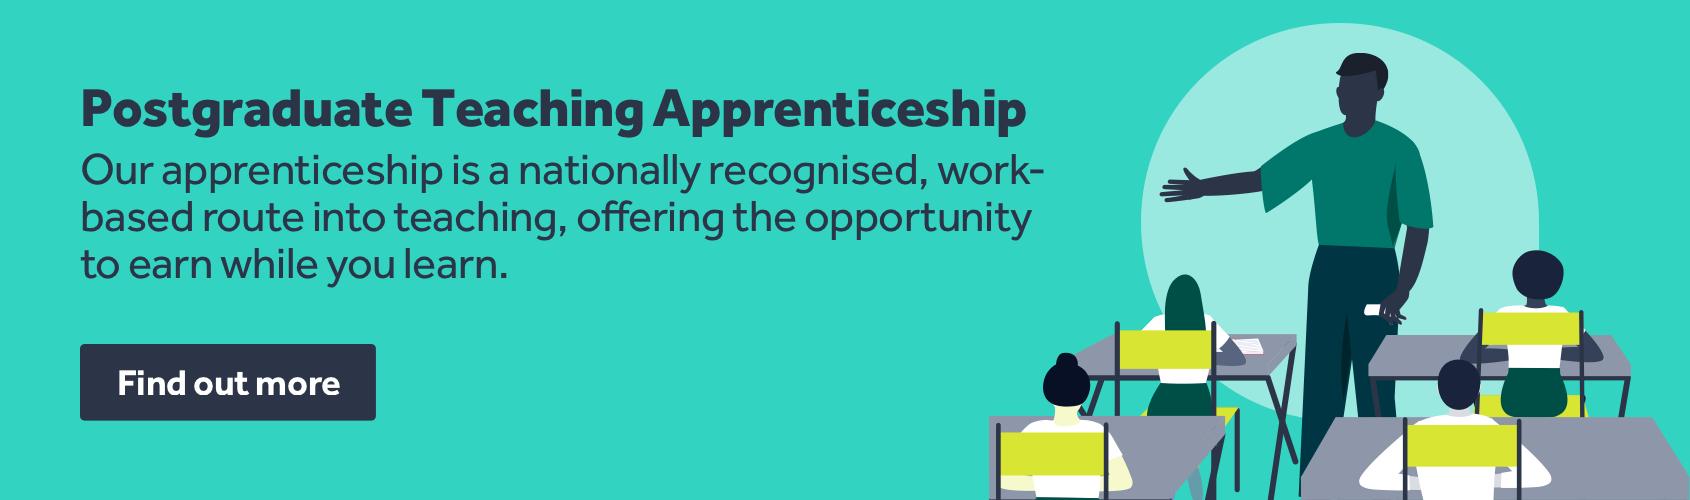 Tes post-graduate teaching apprenticeship